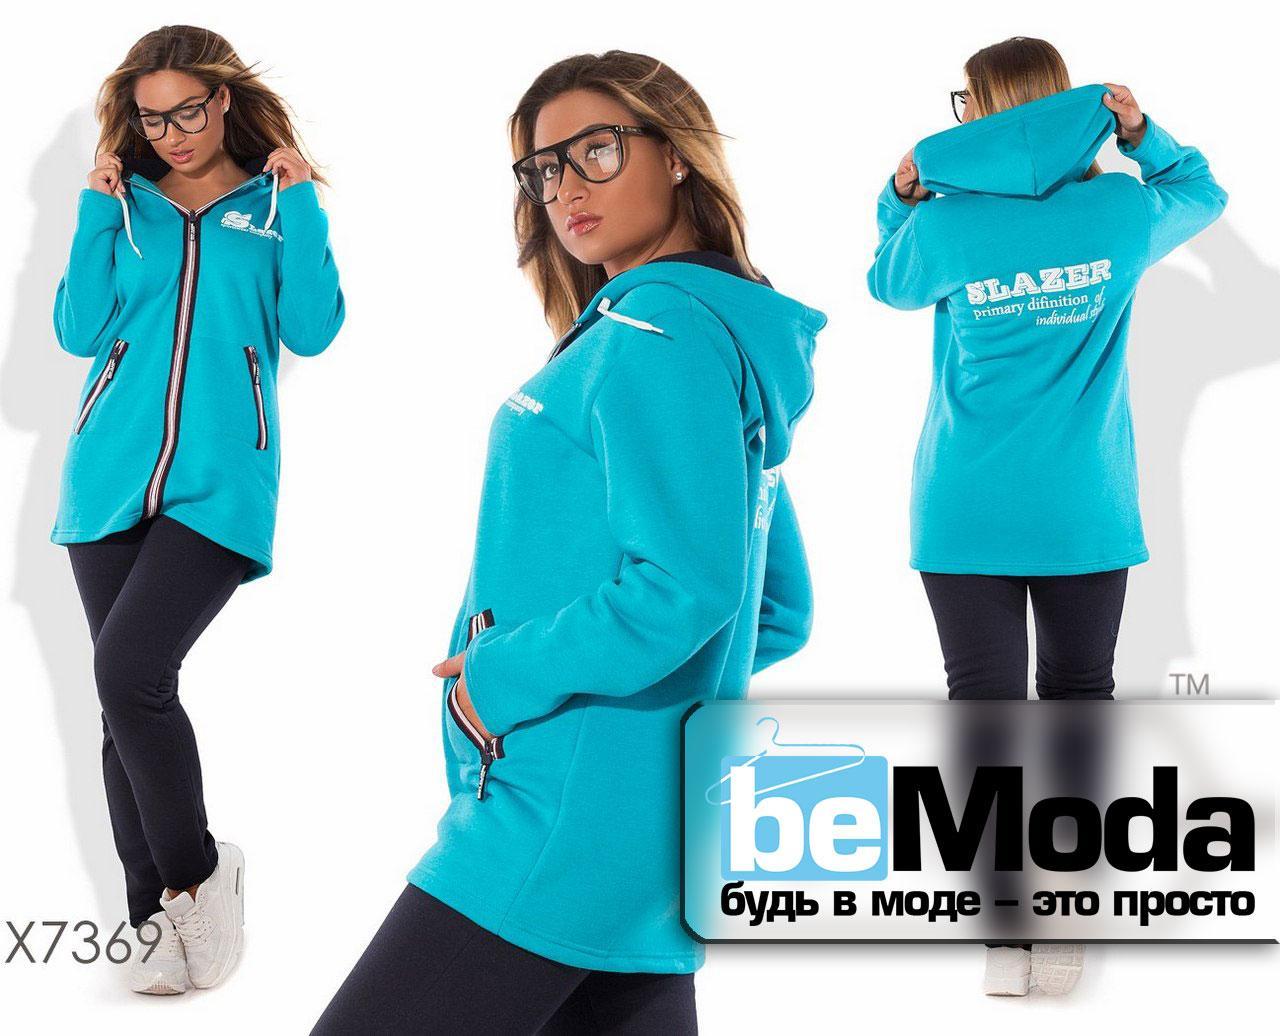 47e499f24409 Удобный спортивный костюм из кофты с капюшоном и брюк голубой - Модная  одежда, обувь и